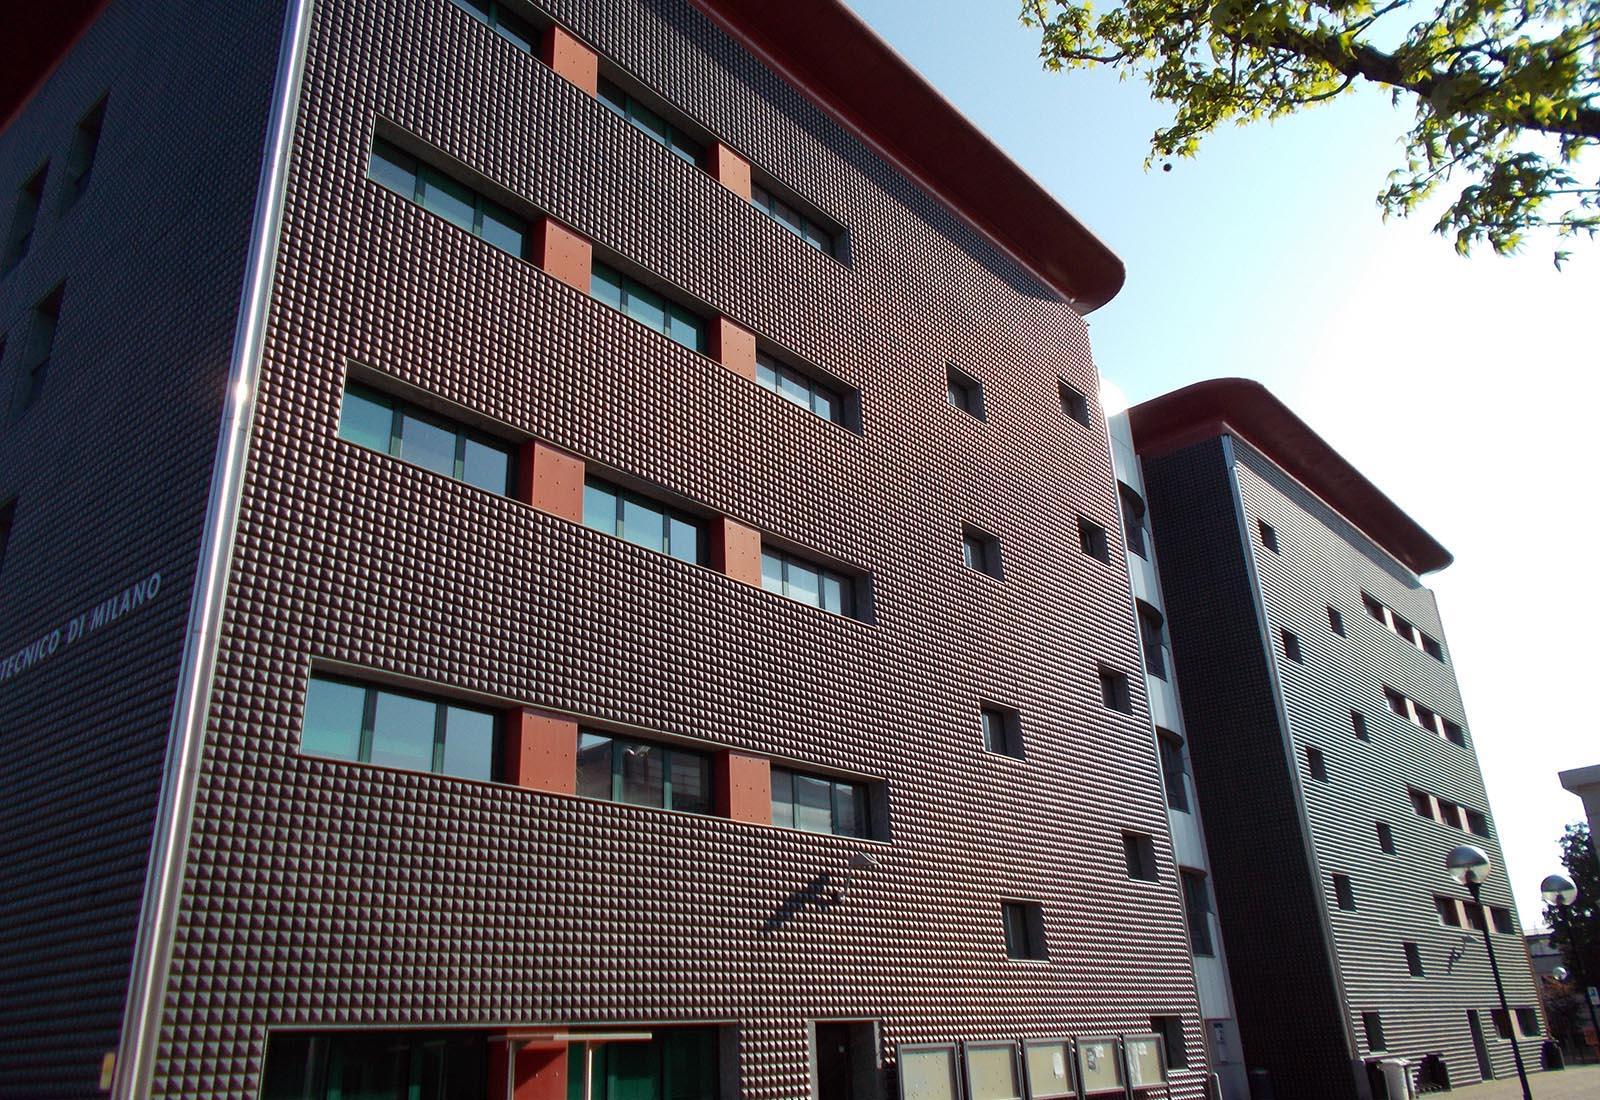 Edificio dipartimentale del politecnico di milano in via for Architettura politecnico di milano